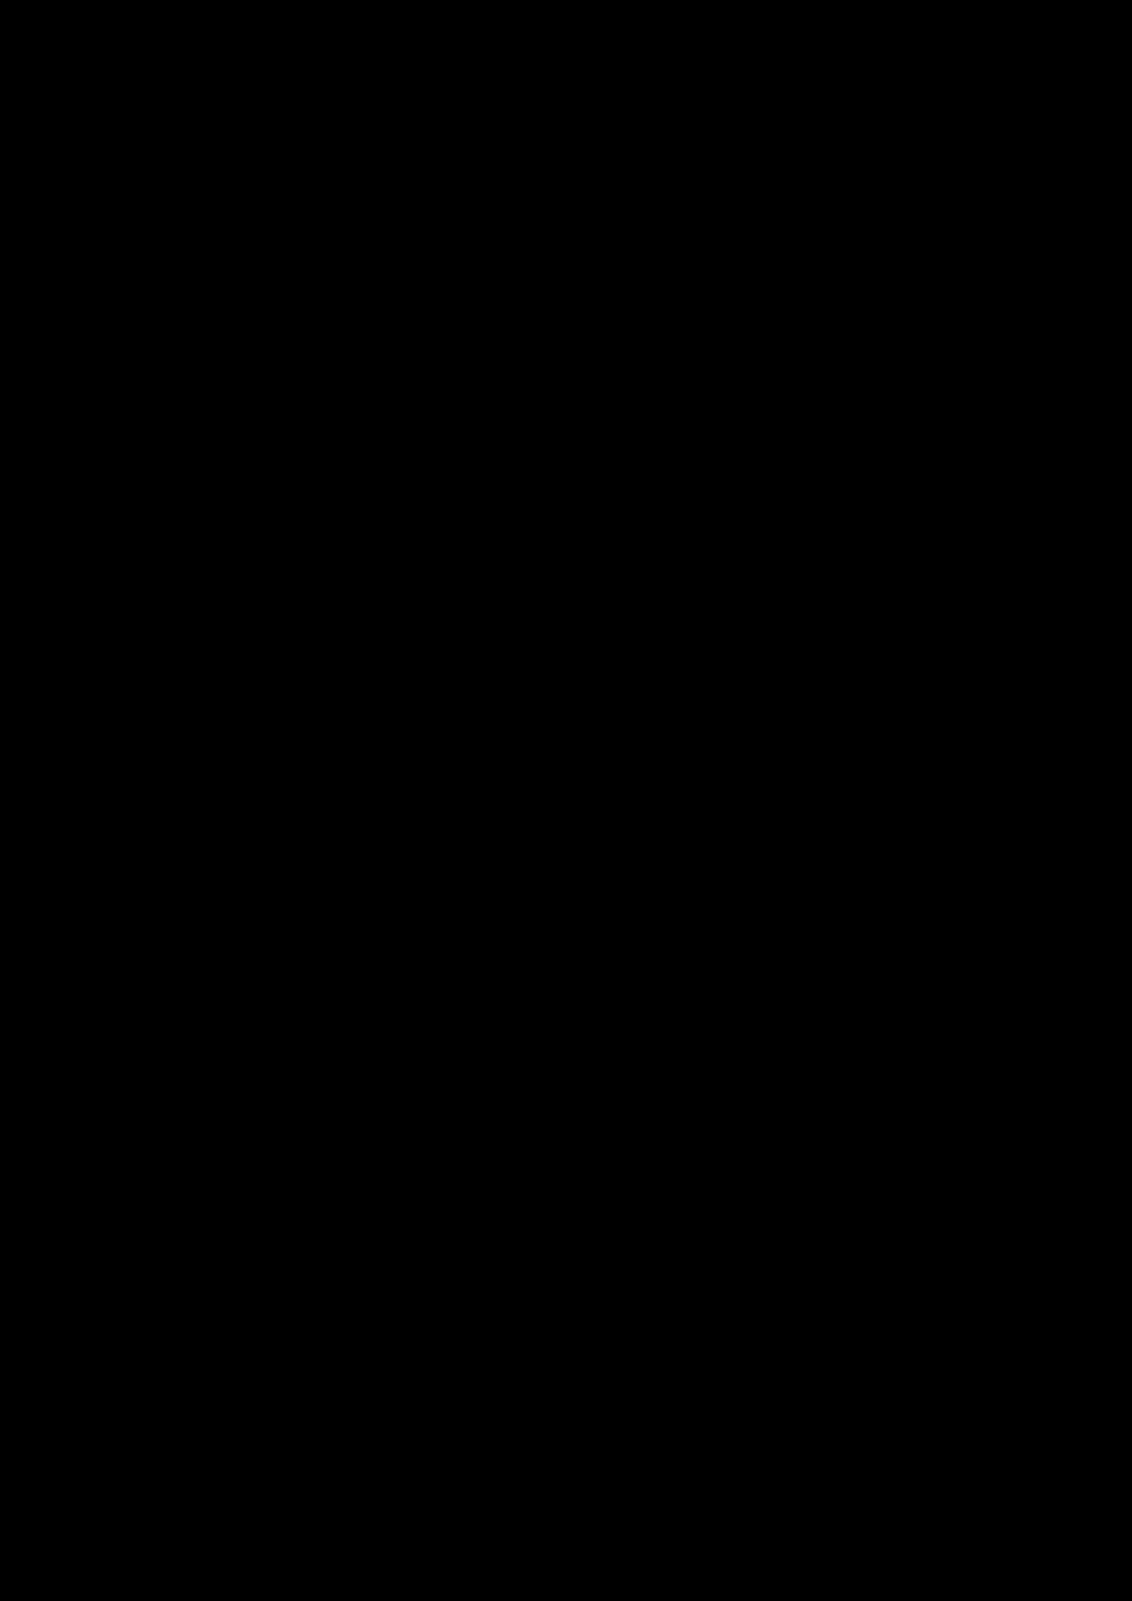 Zagadka volshebnoy stranyi slide, Image 64